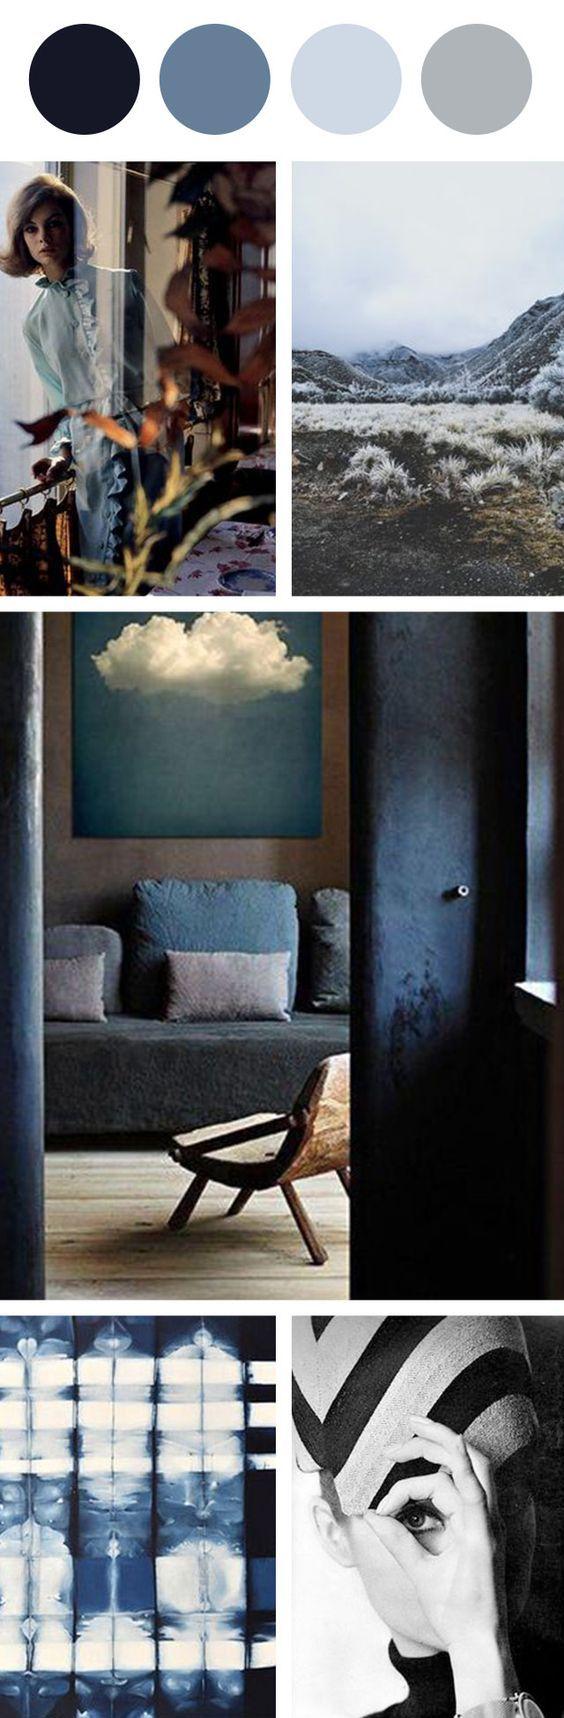 Farbpalette des Sommers - von Mitternachtsblau (Farbpassnummer 30) bis Hellblau (Farbpassnummer 17) Kerstin Tomancok Farb-, Typ-, Stil & Imageberatung